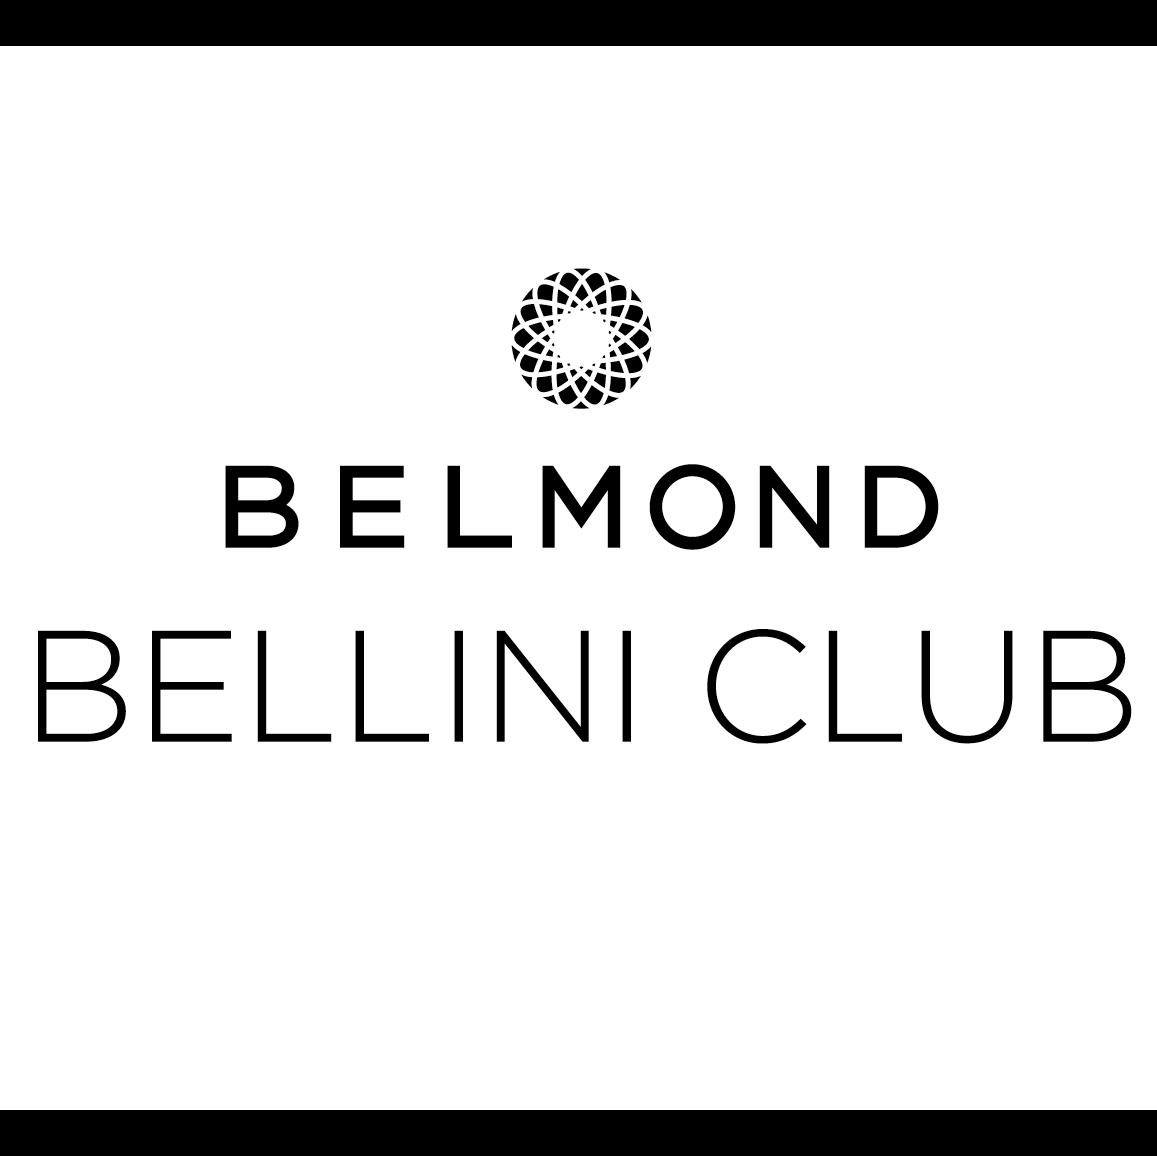 贝尔蒙德贝里尼俱乐部合作伙伴